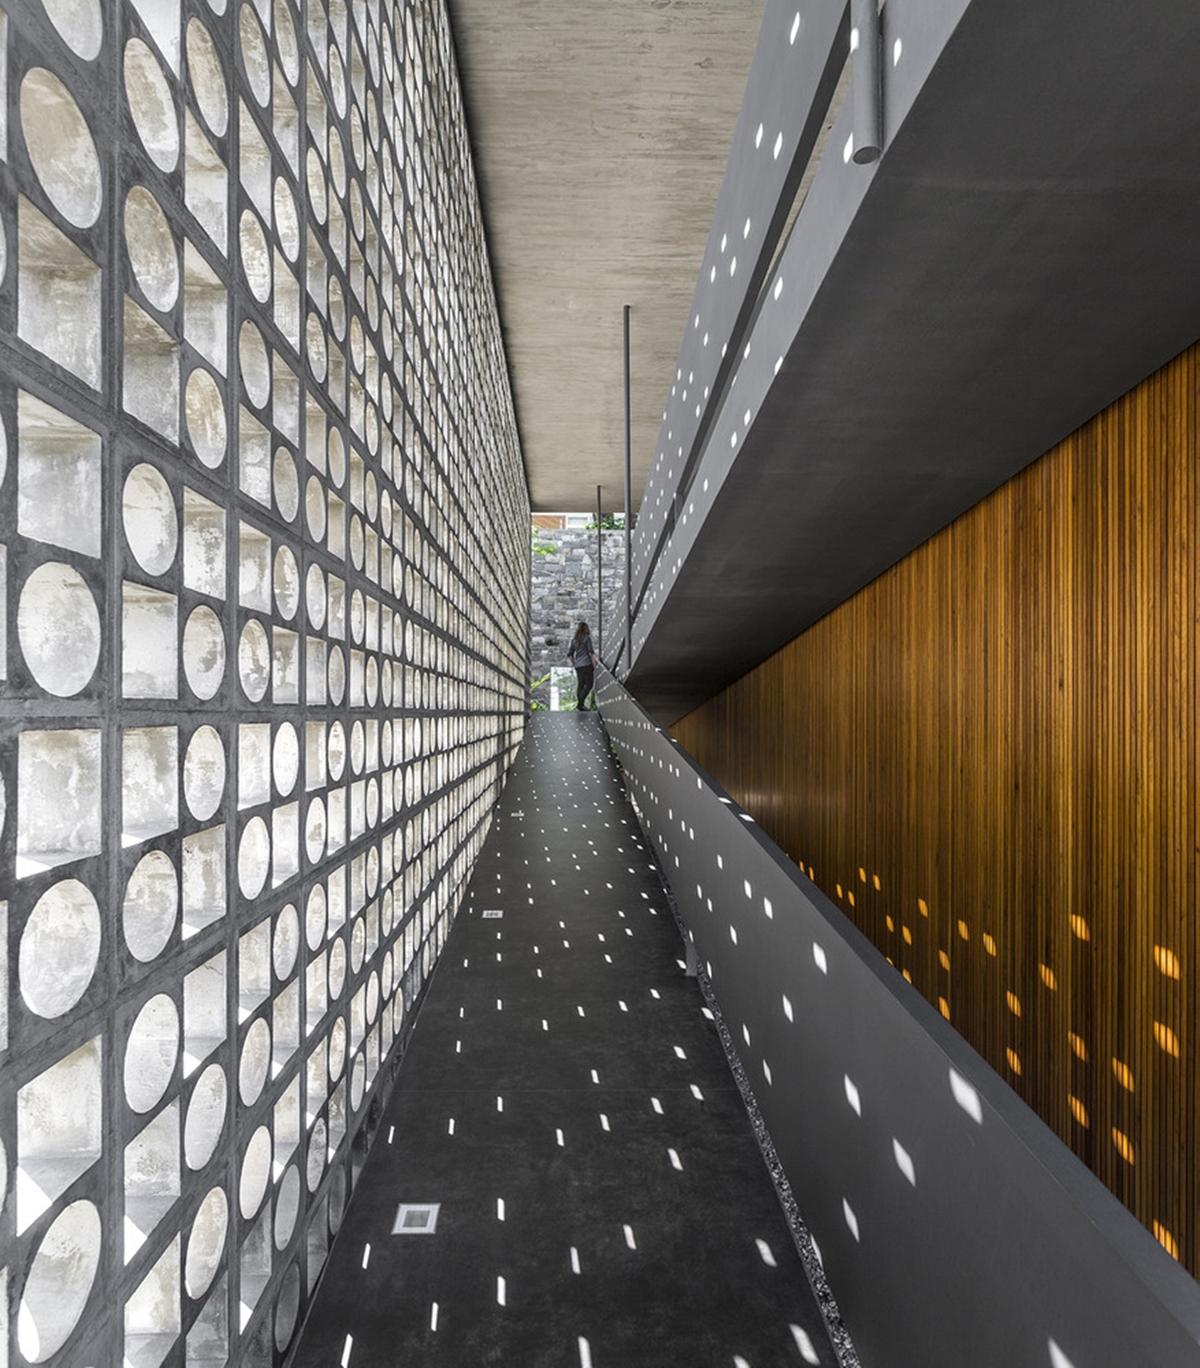 Lam bê tông sử dụng để chống nắng cho công trình